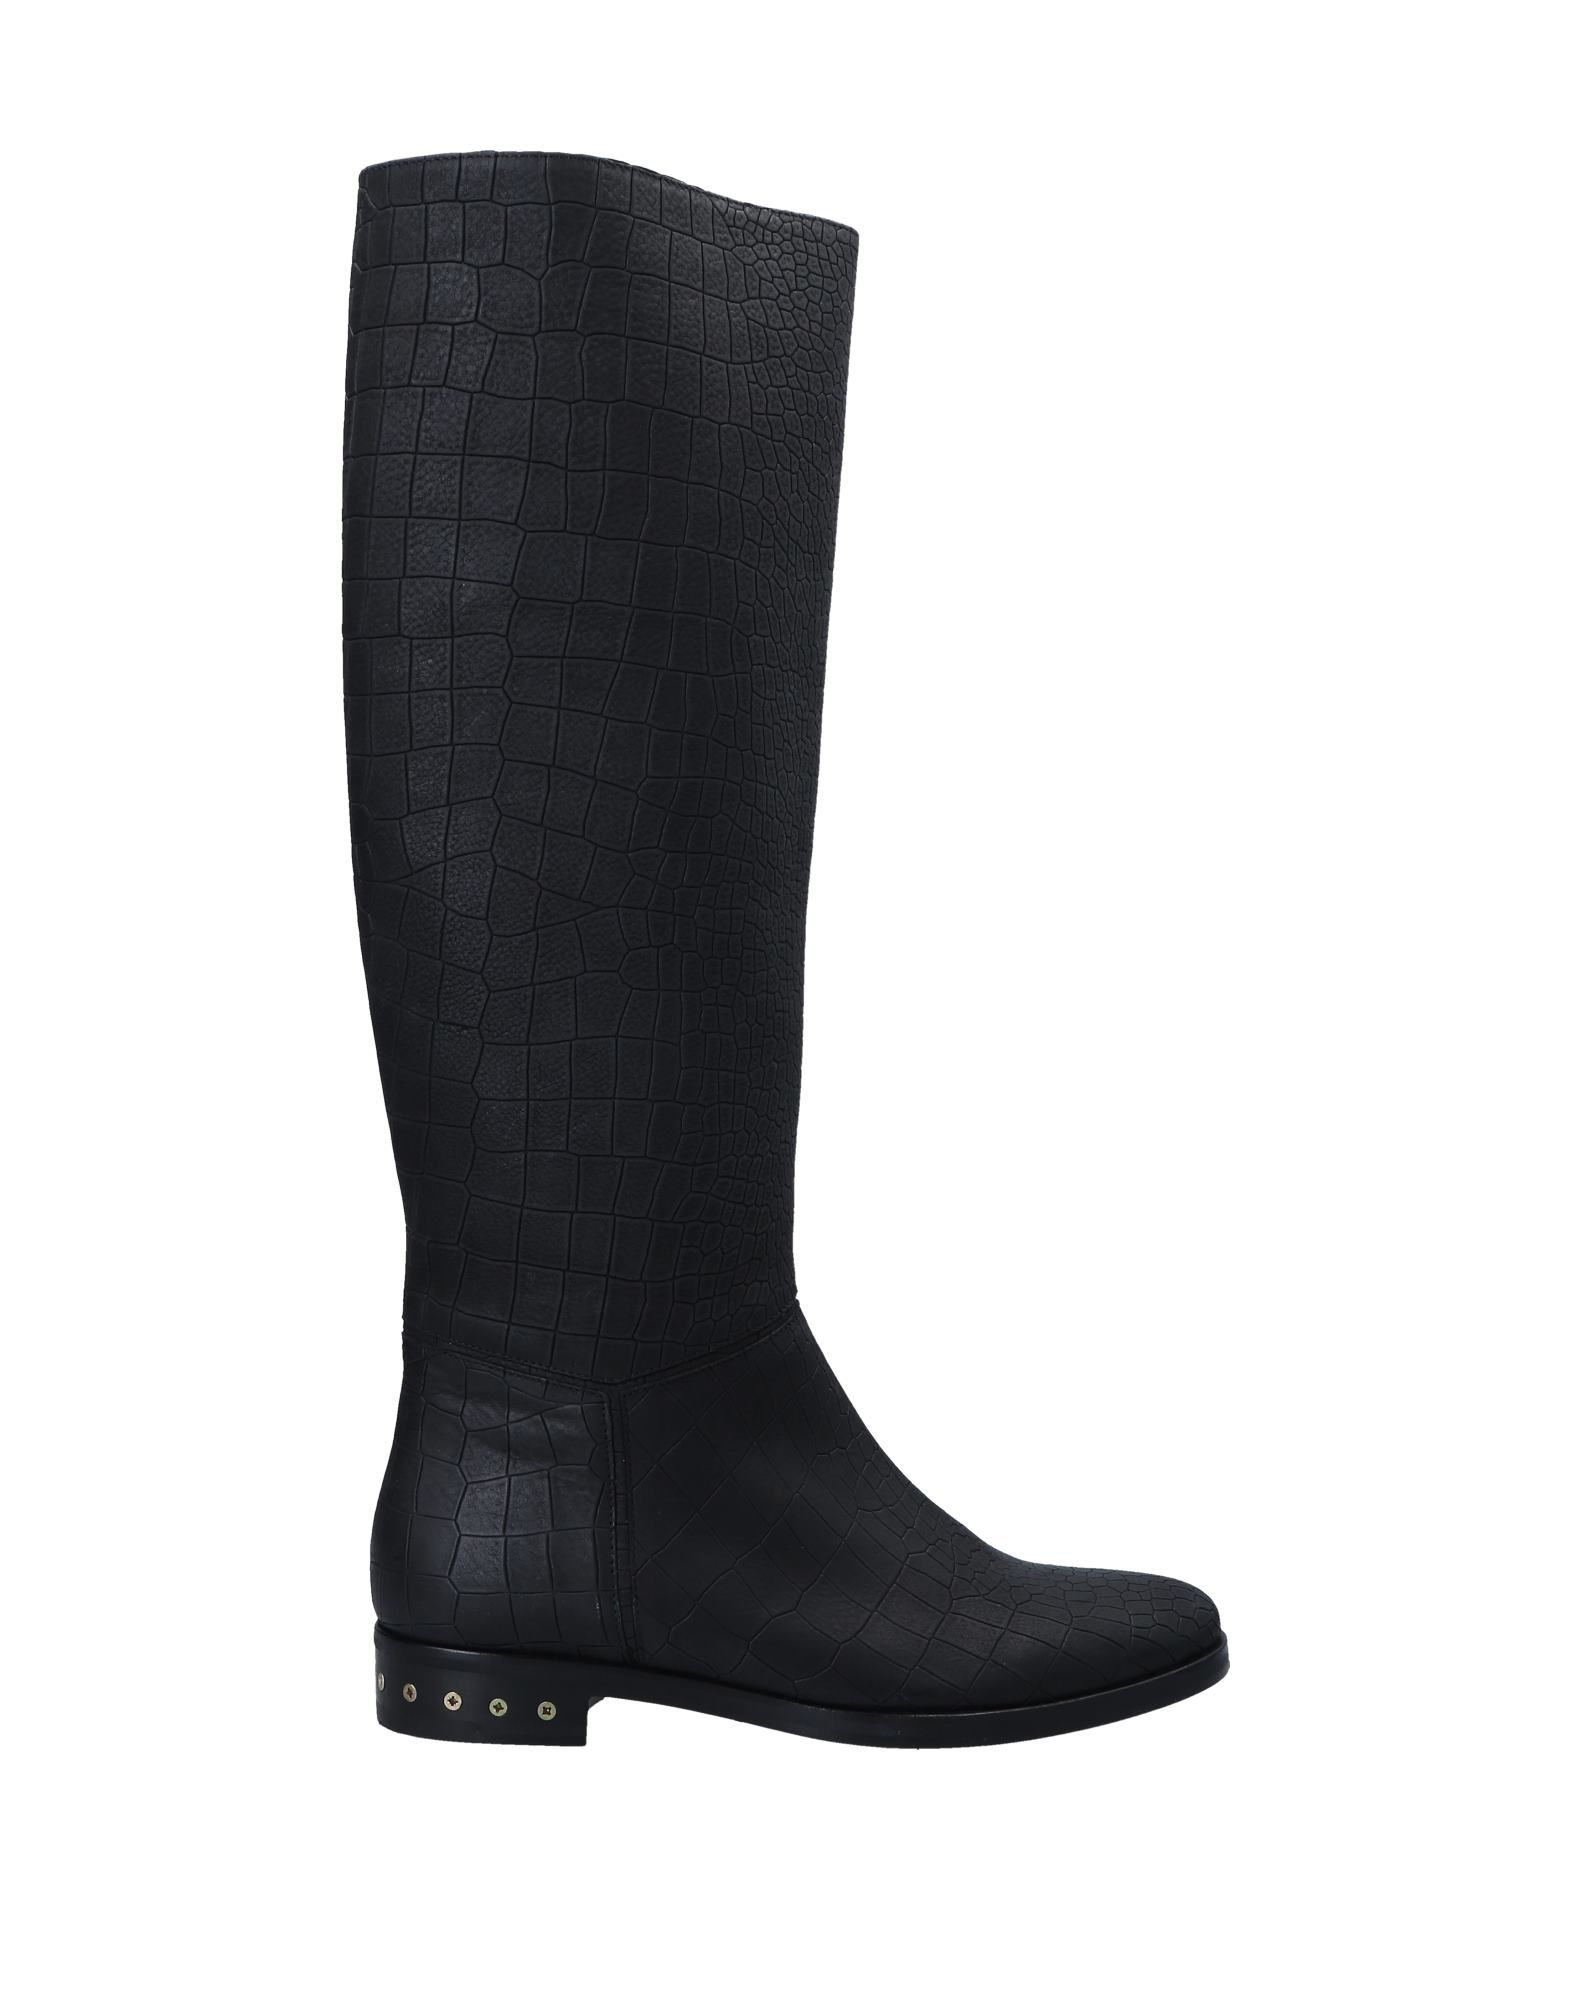 Lanvin Boots - Women Lanvin Boots online 11551310BE on  Australia - 11551310BE online 810bc3